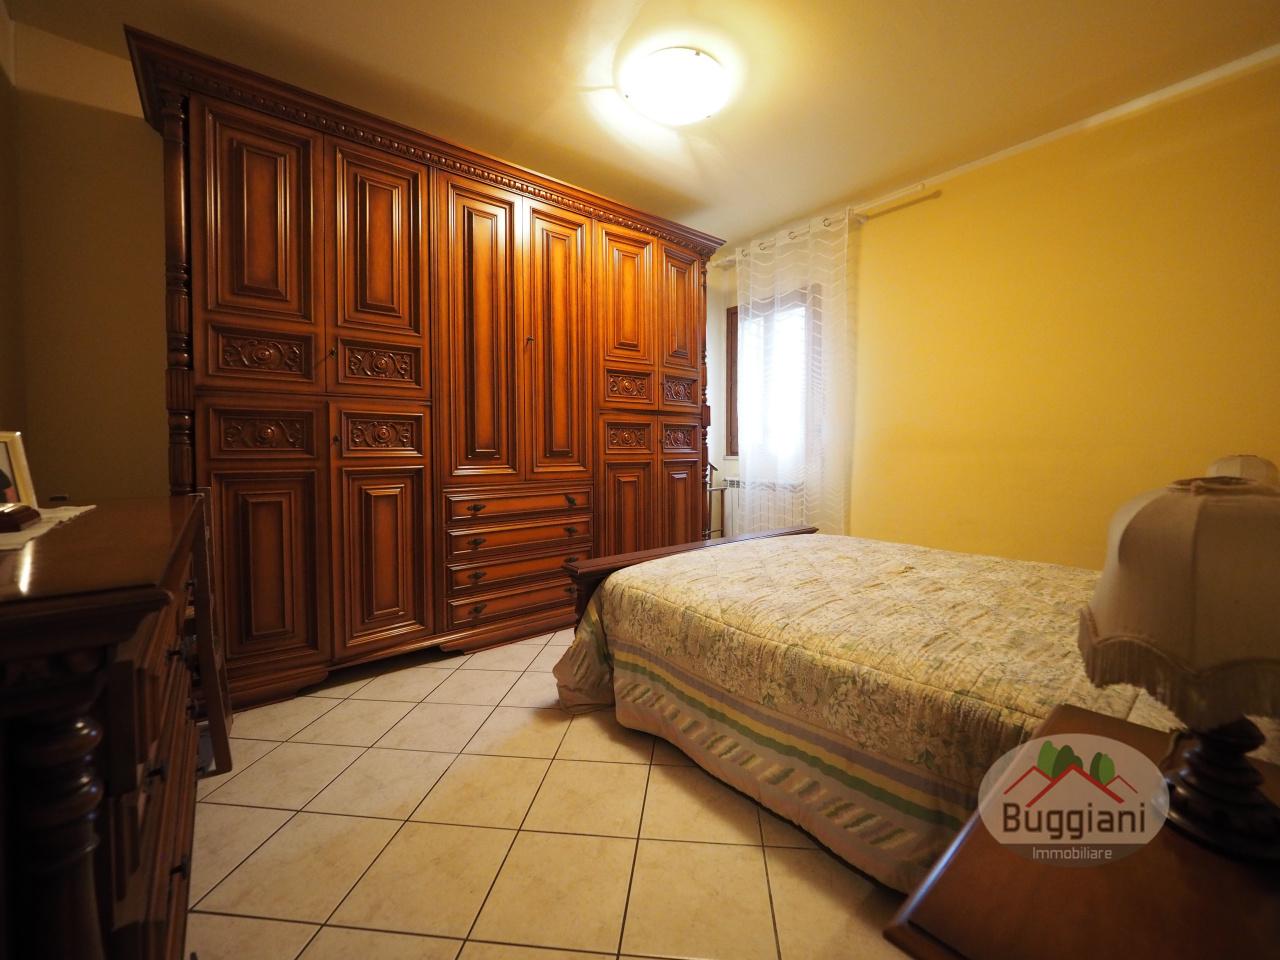 Appartamento in vendita RIF. 1861, San Miniato (PI)